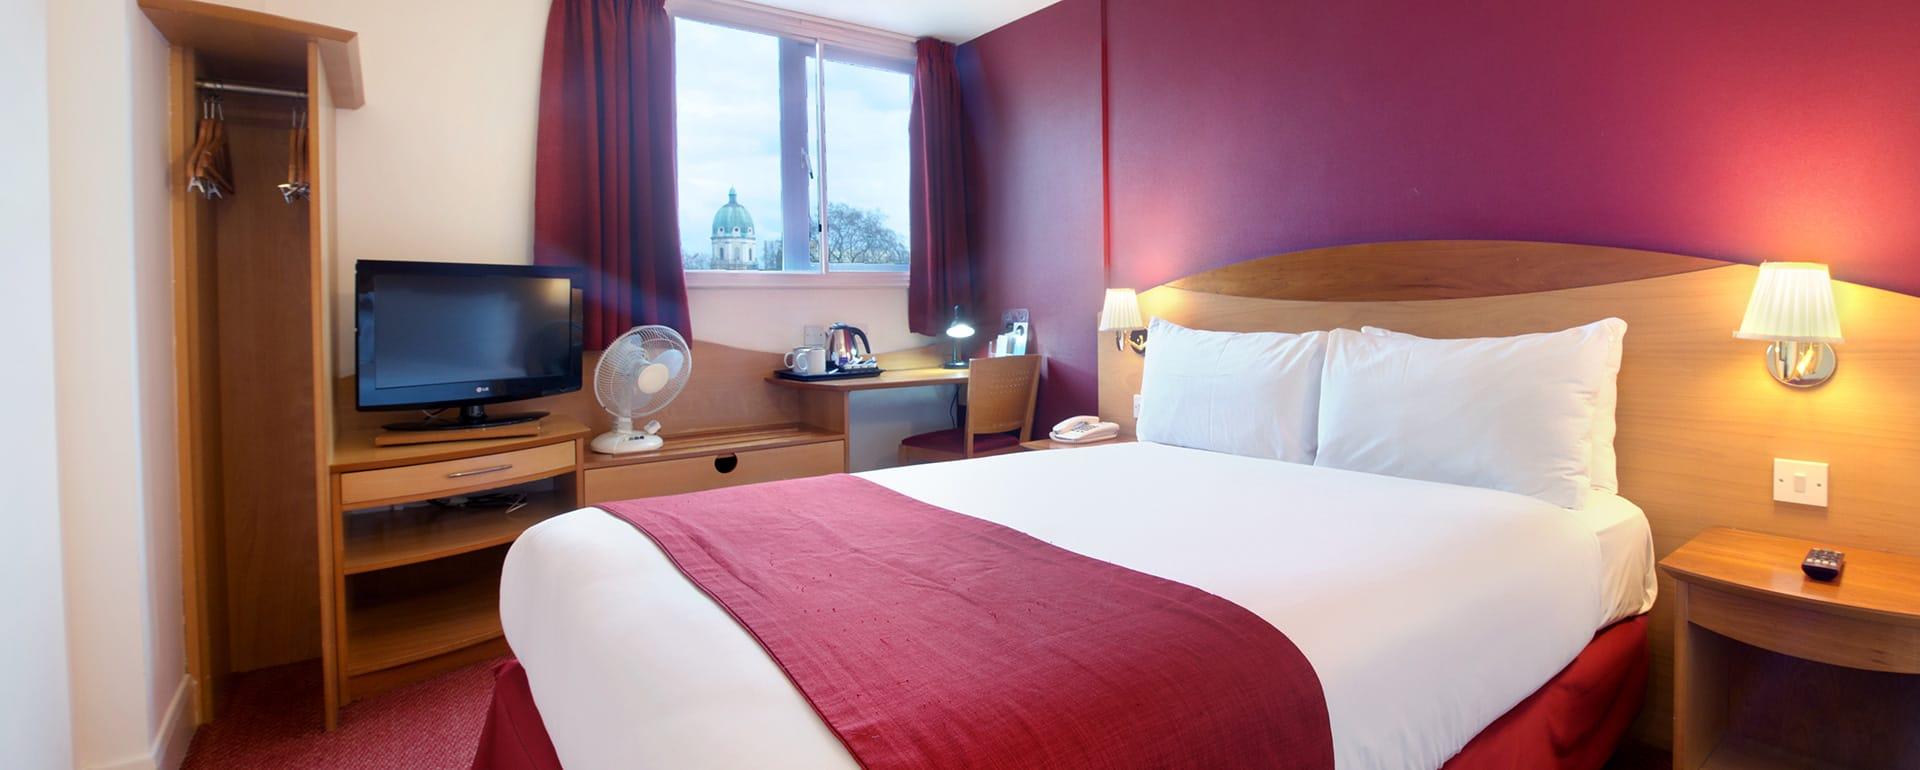 Book Now | Hotel in London UK England | Waterloo Hub Hotel & Suites